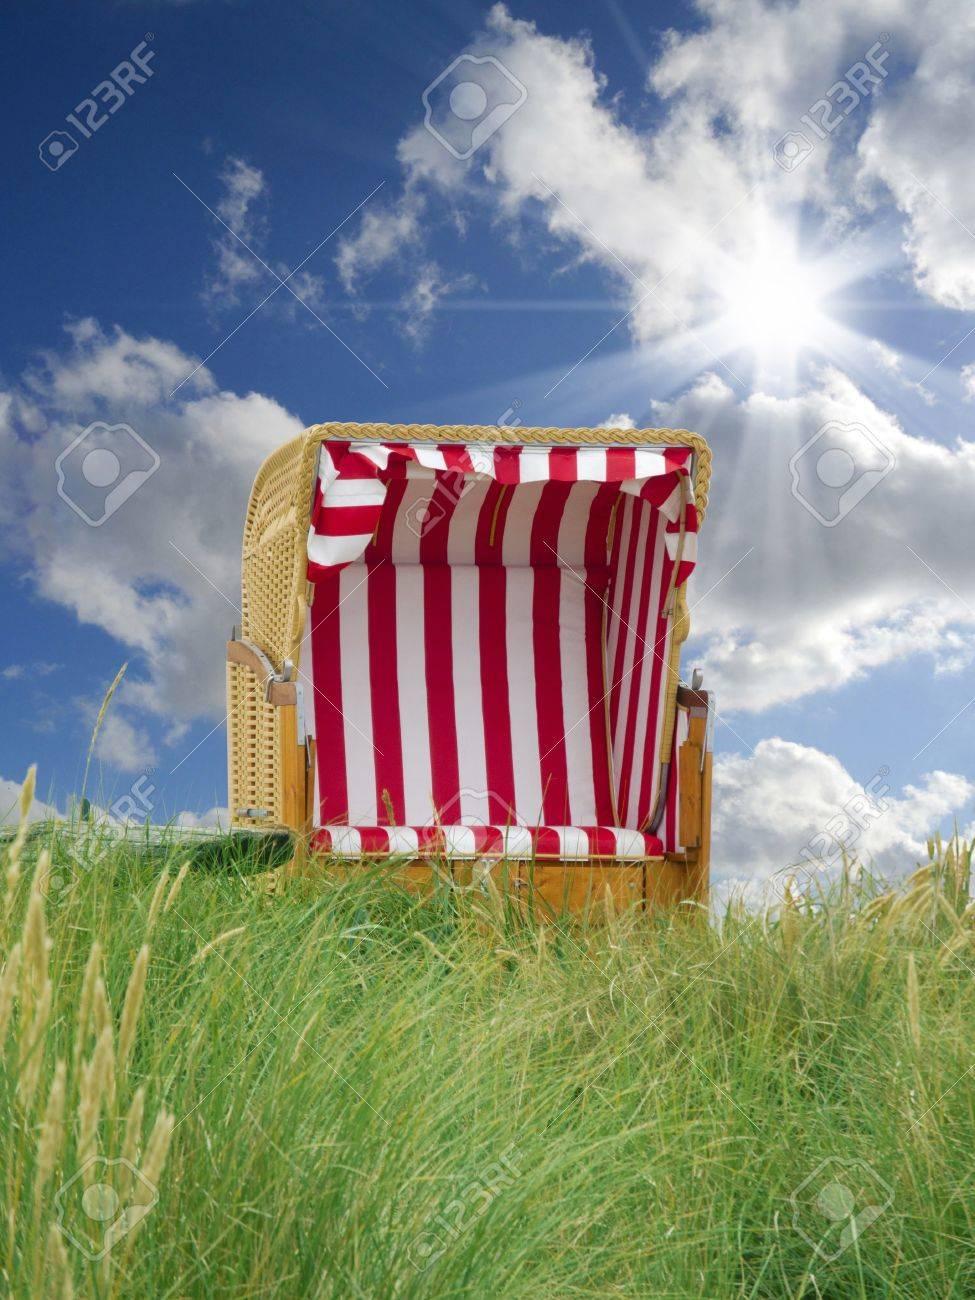 Strandkorb dünen  Zeit Für Den Sommerurlaub - Lonesome Strandkorb In Den Dünen ...